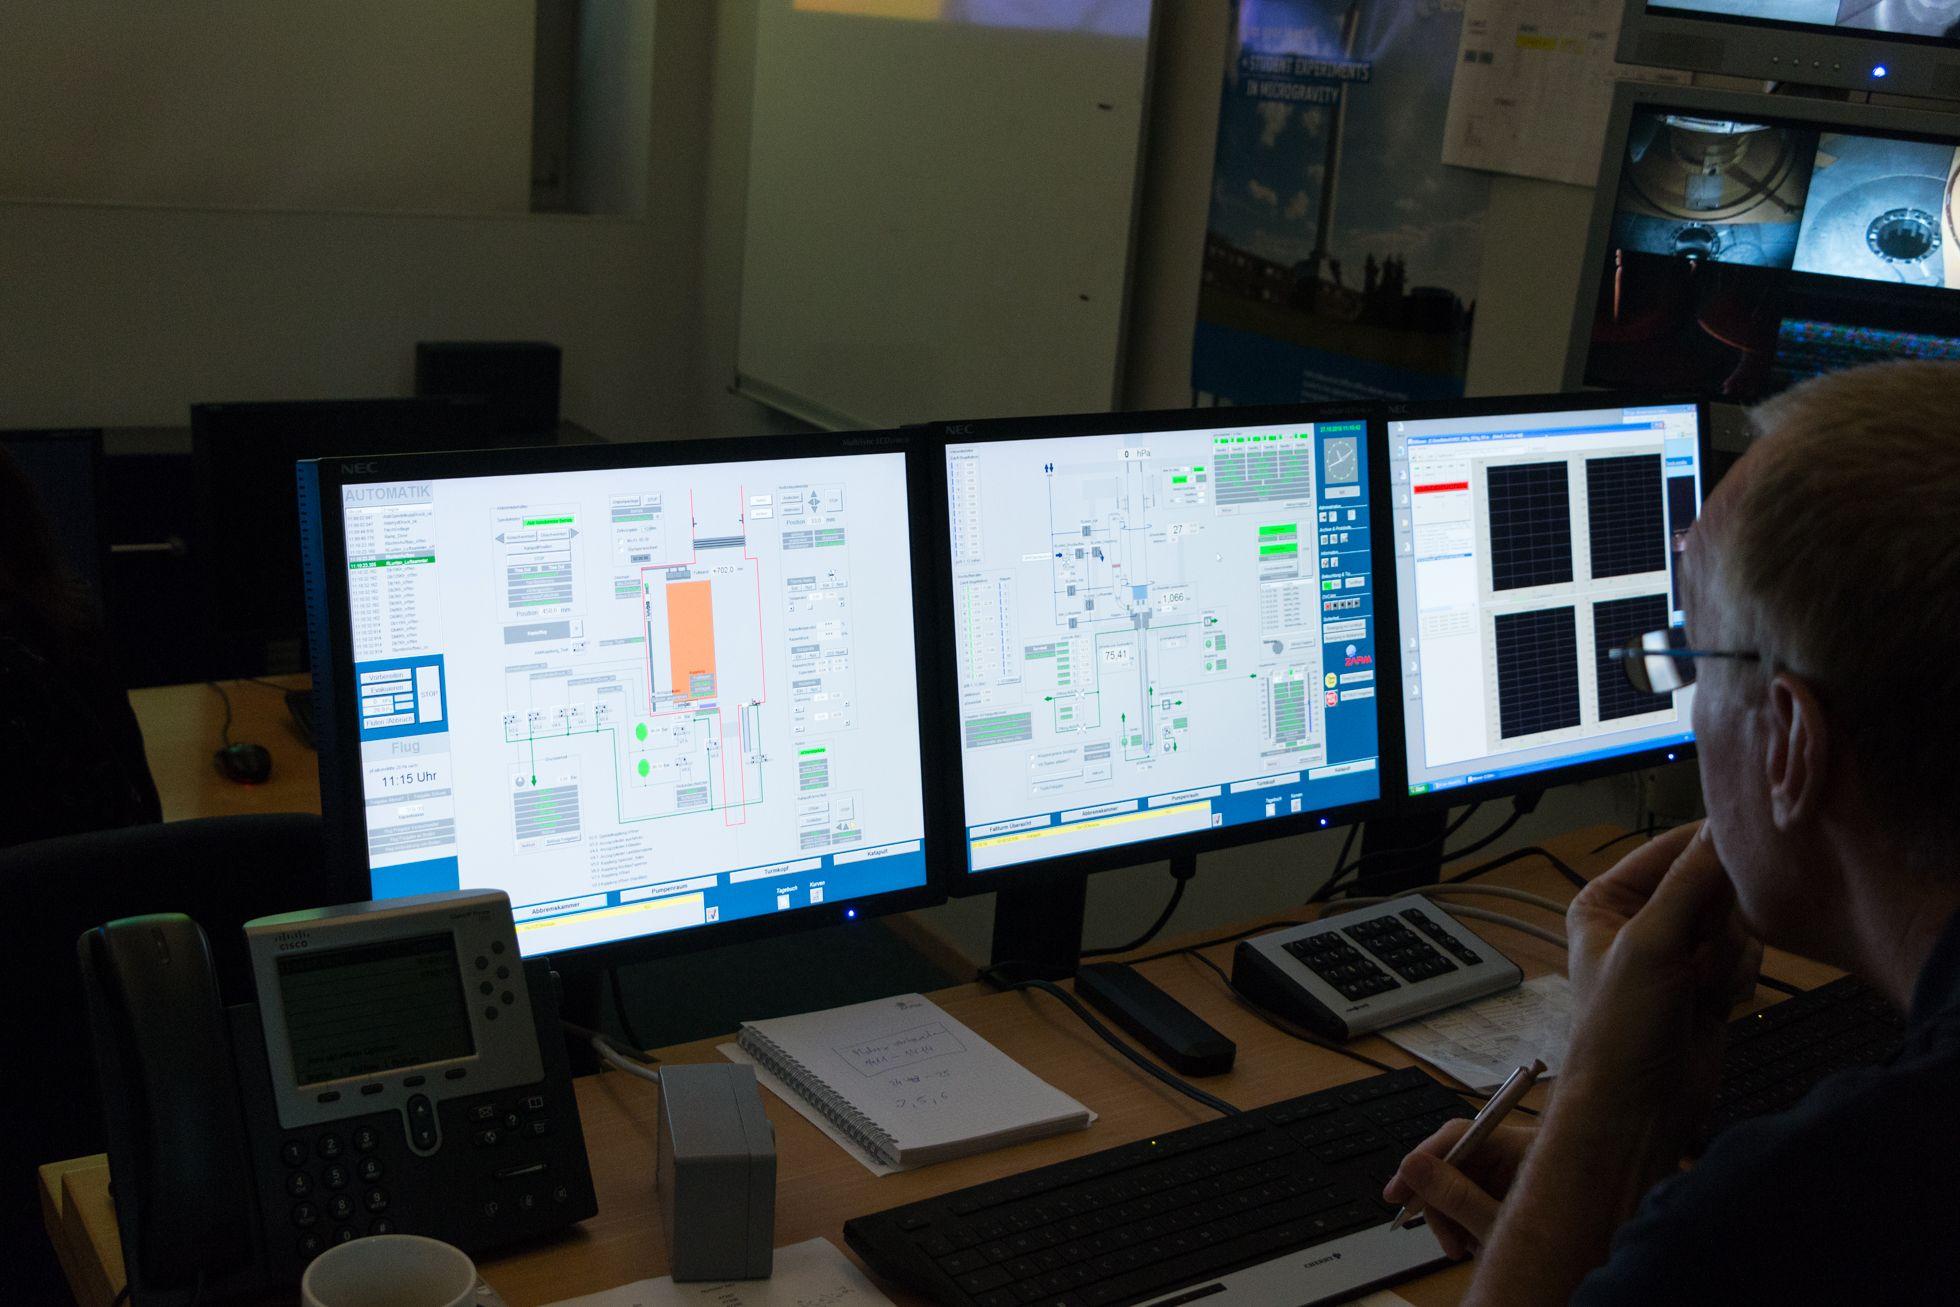 Zarm: Zehn Sekunden schwerelos - Von diesen Rechnern aus wird der Fallturm gesteuert. Der Bildschirm in der Mitte zeigt den Status des Katapults. (Foto: Werner Pluta/Golem.de)